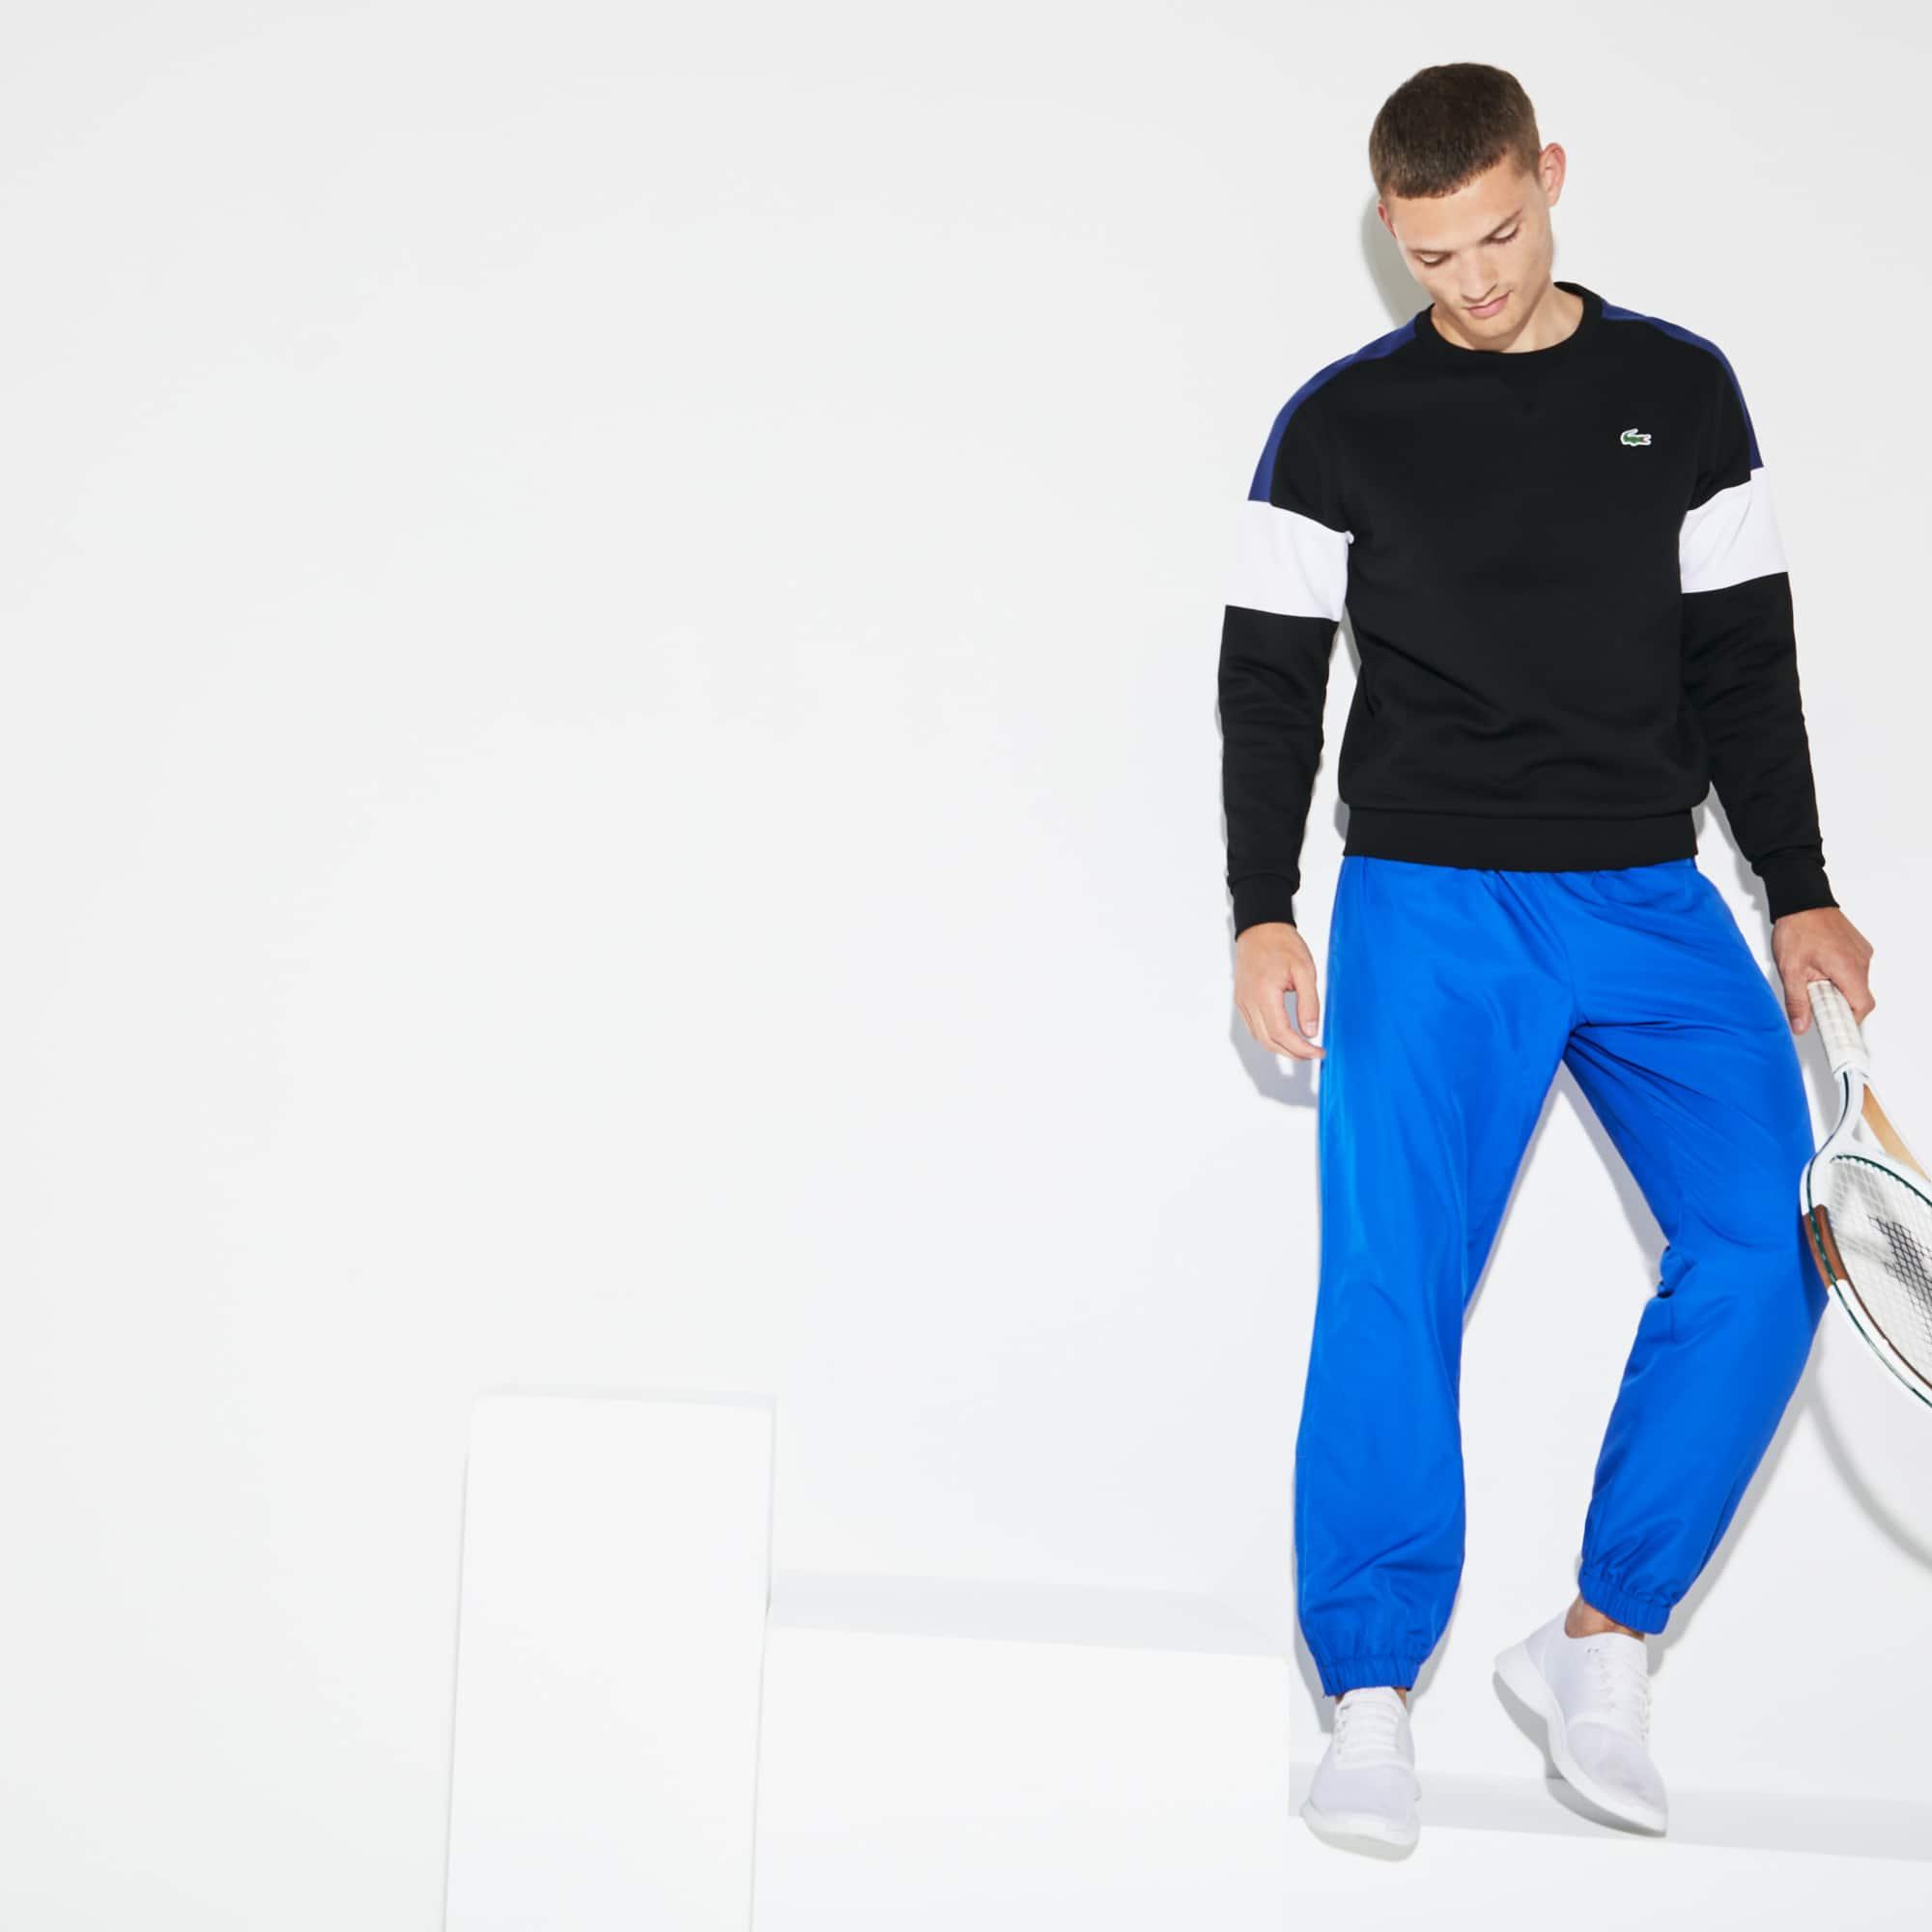 Pantaloni da ginnastica Lacoste SPORT in taffettà a losanghe in tinta unita